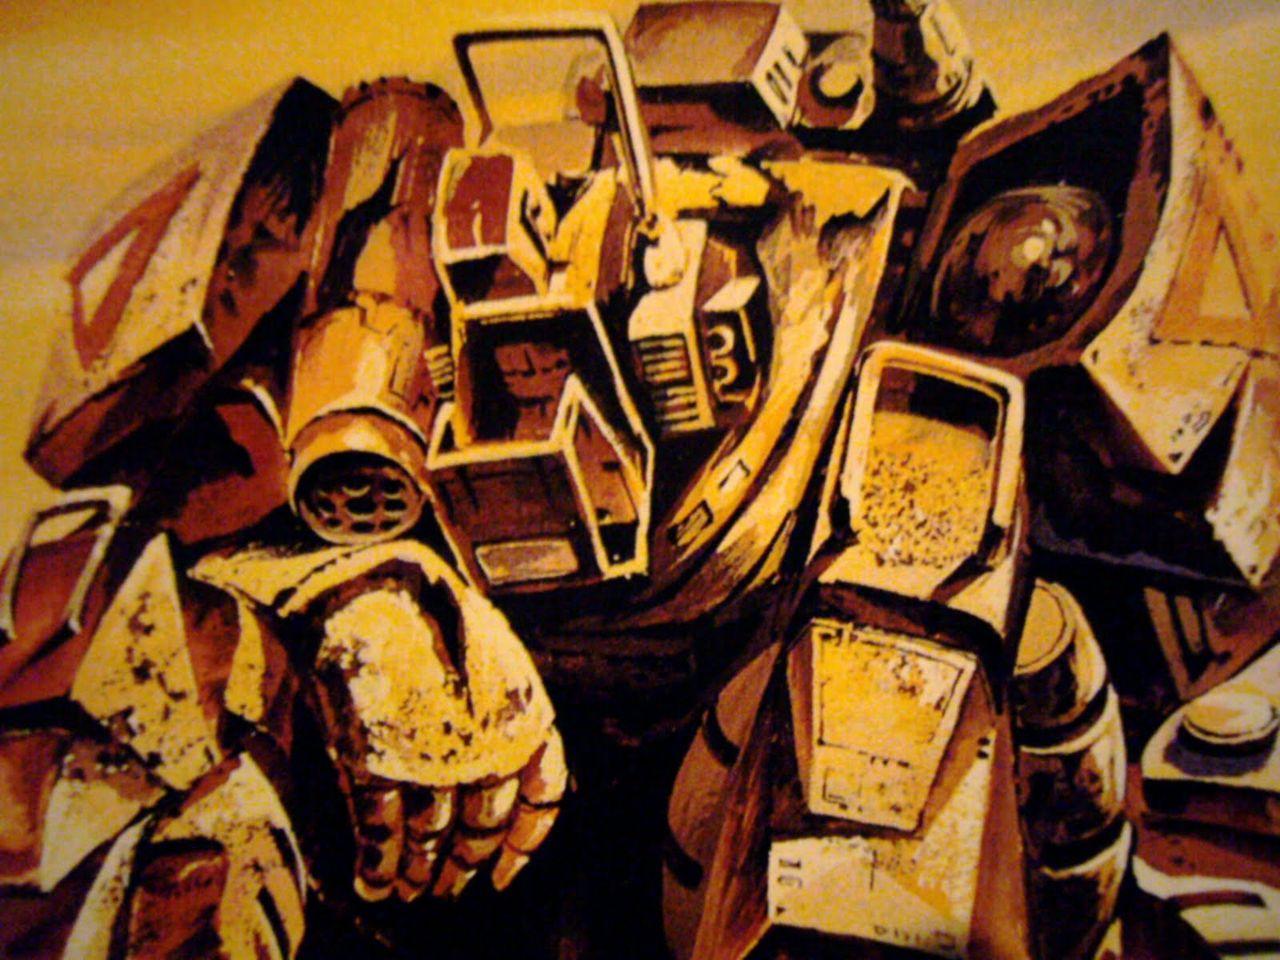 【映画】巨大ロボットアニメ『マジンガーZ』 映画化で45年ぶりに復活 [無断転載禁止]©2ch.netYouTube動画>3本 ->画像>74枚